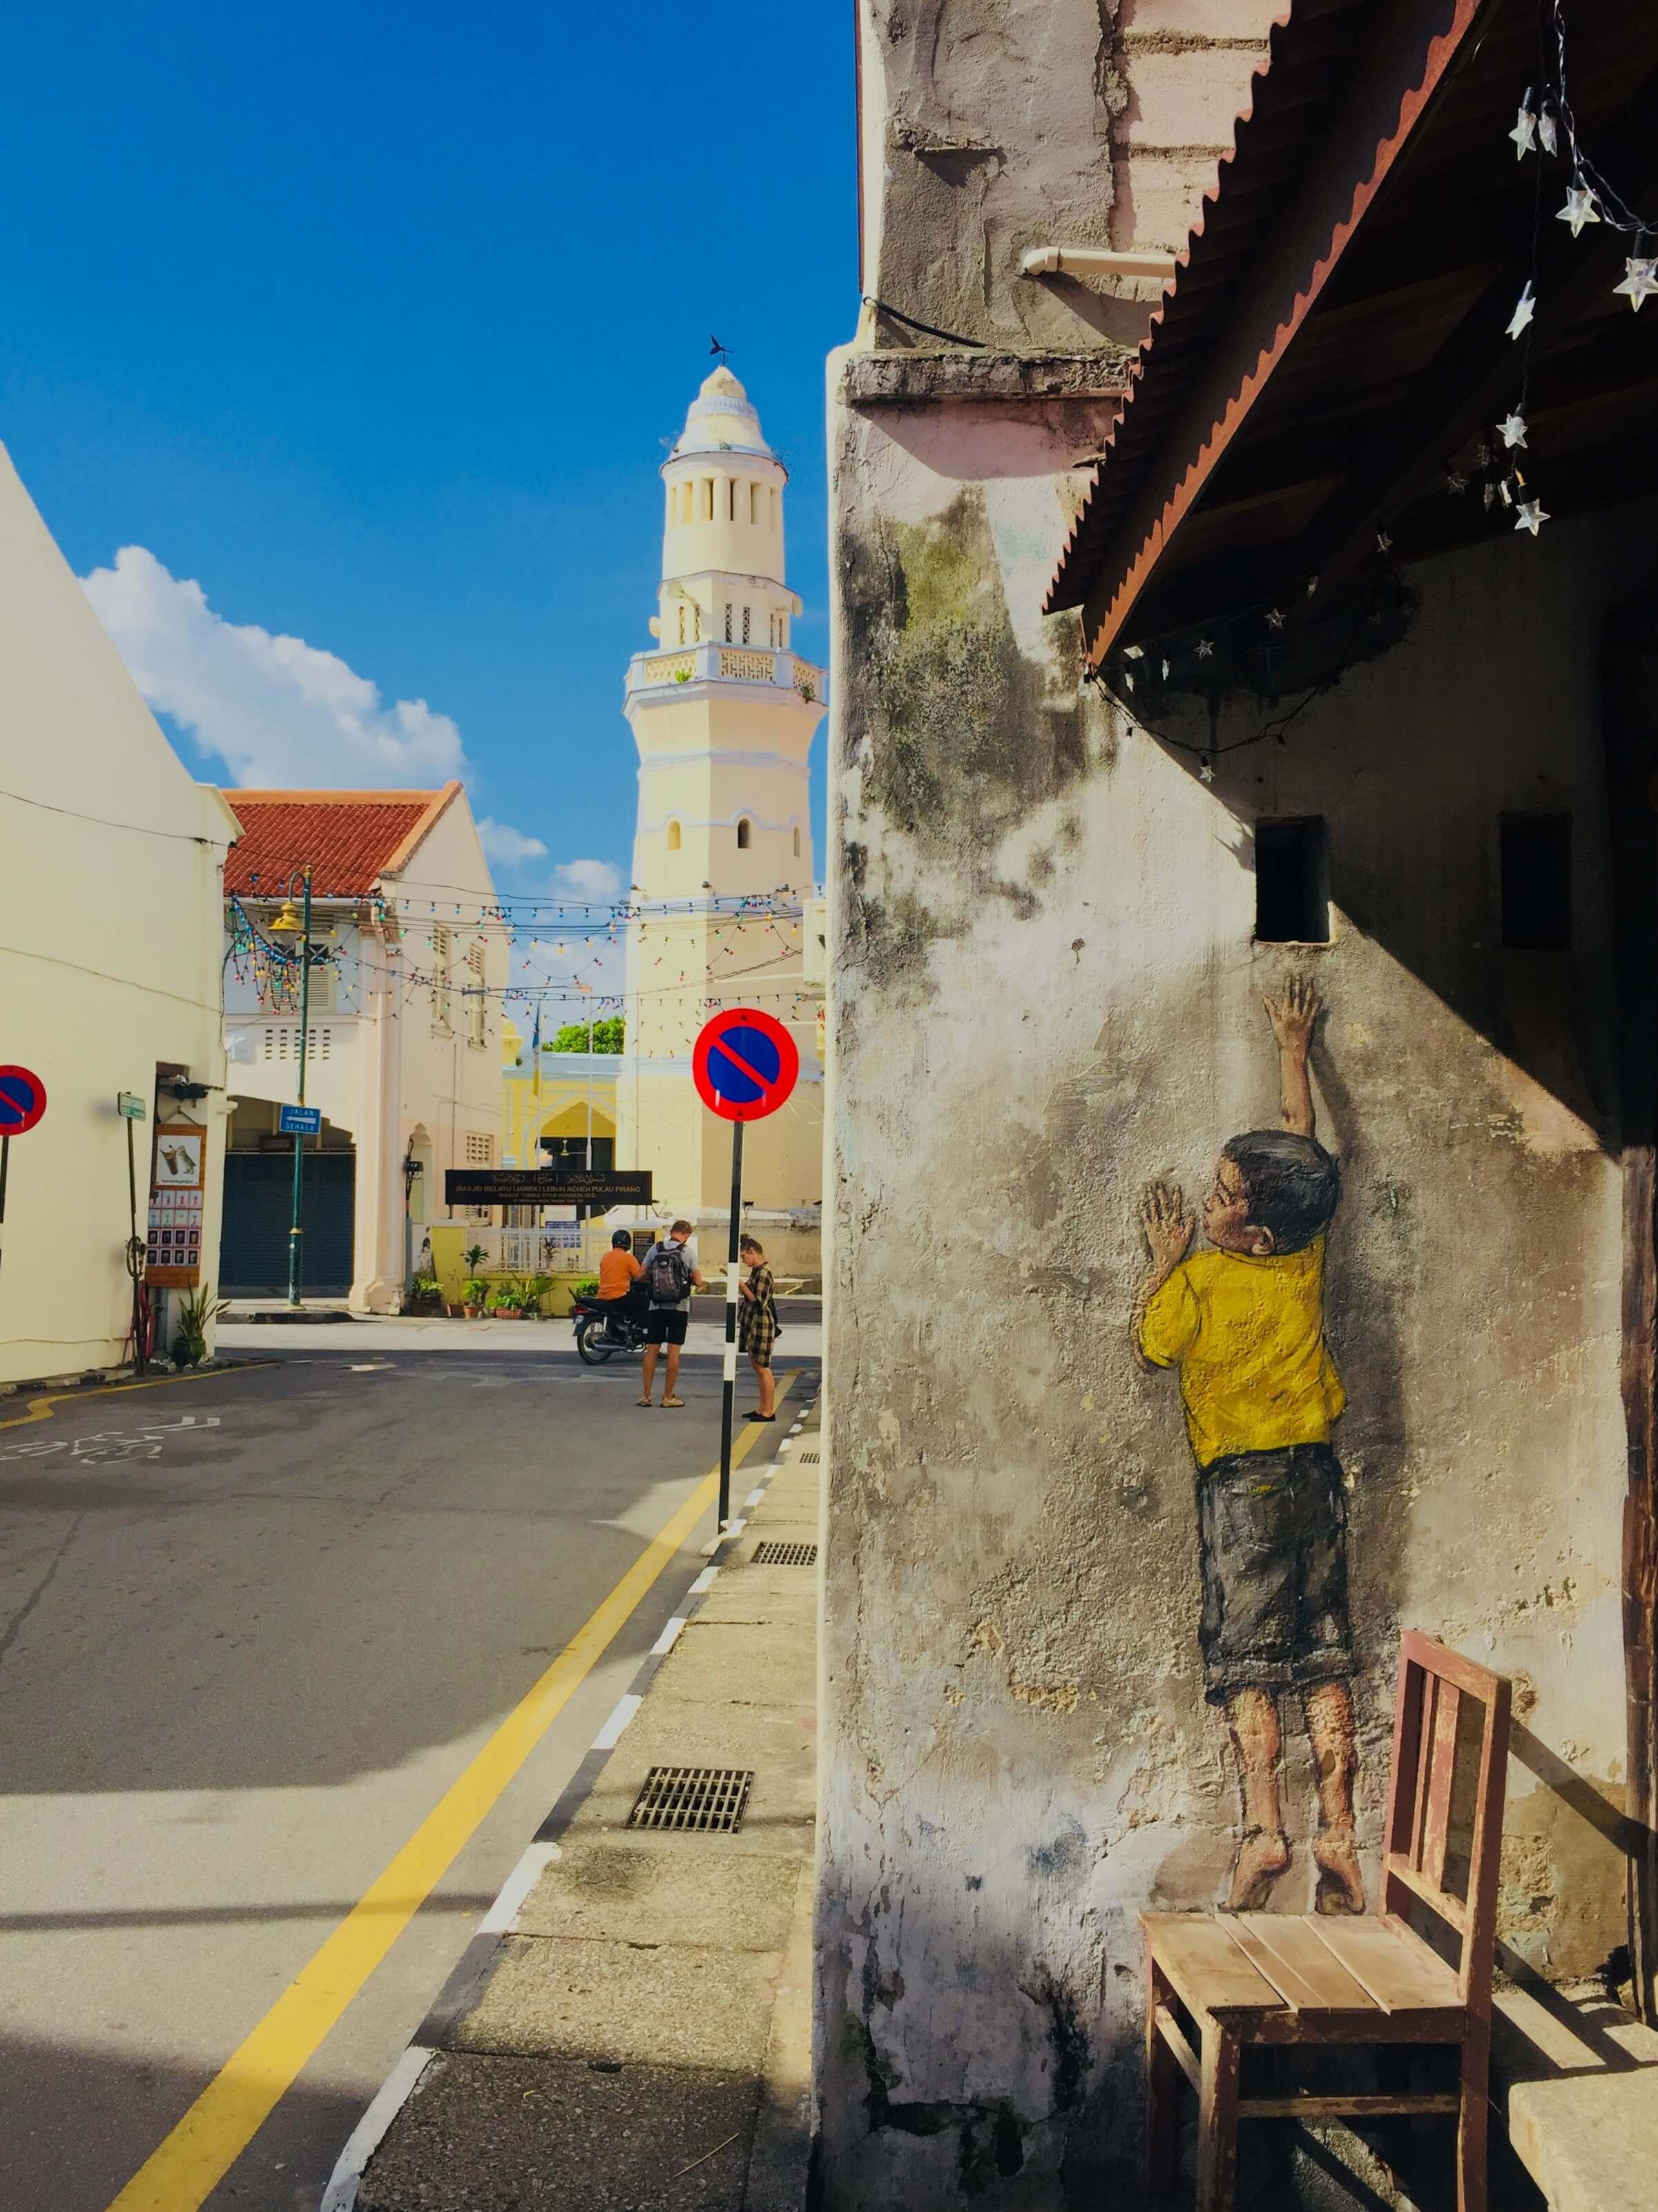 檳城必去景點 : 喬治城壁畫區